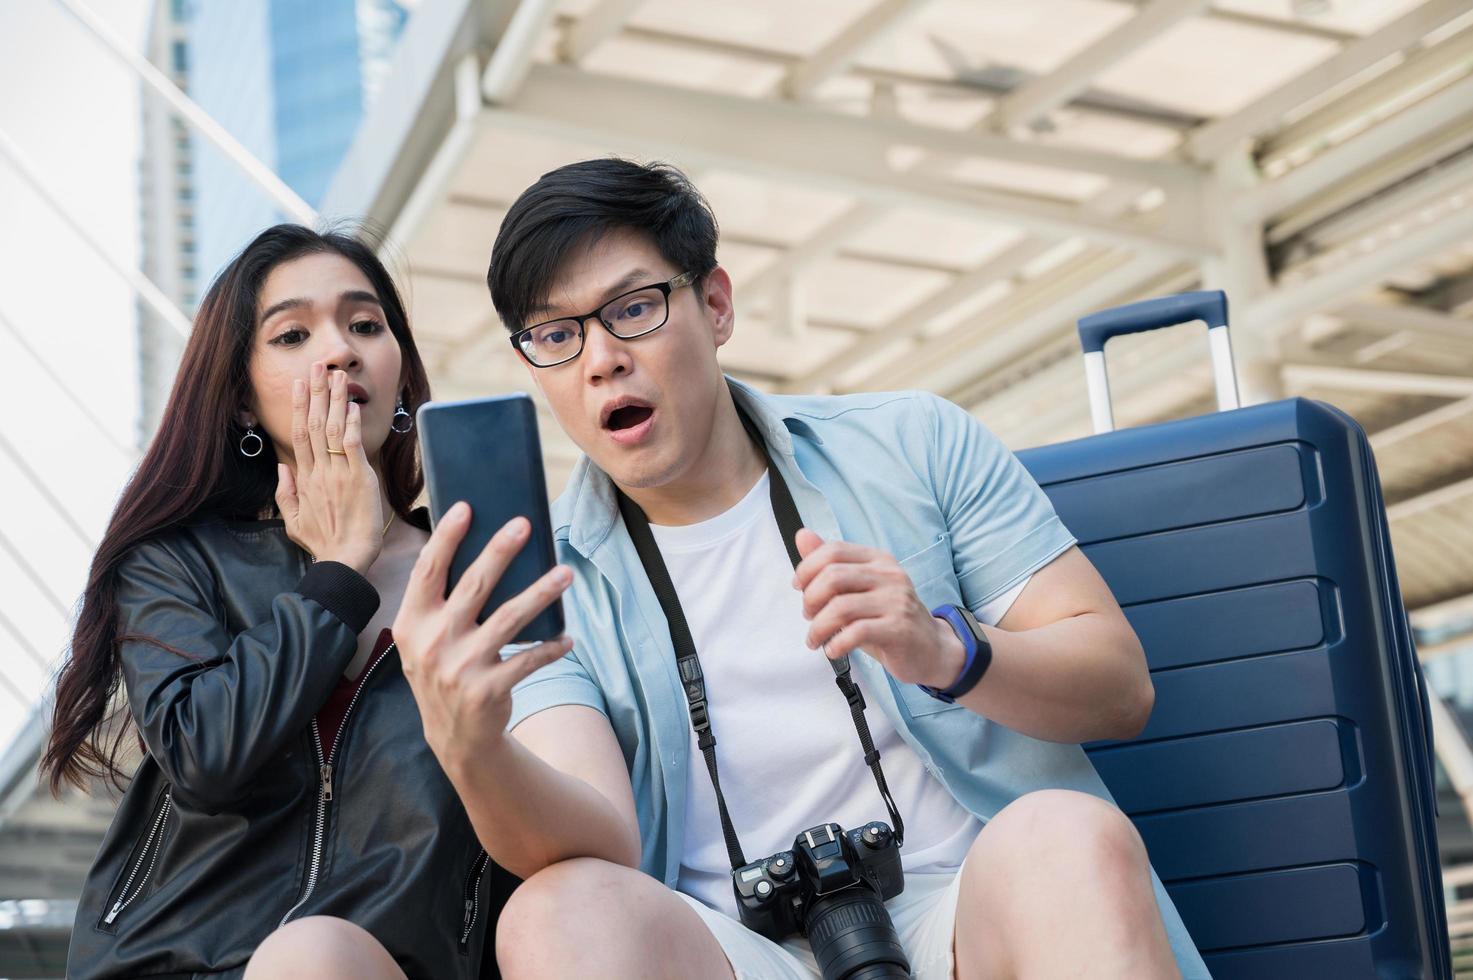 le couple aime le voyageur à la recherche d'un smartphone et se sent choqué. photo